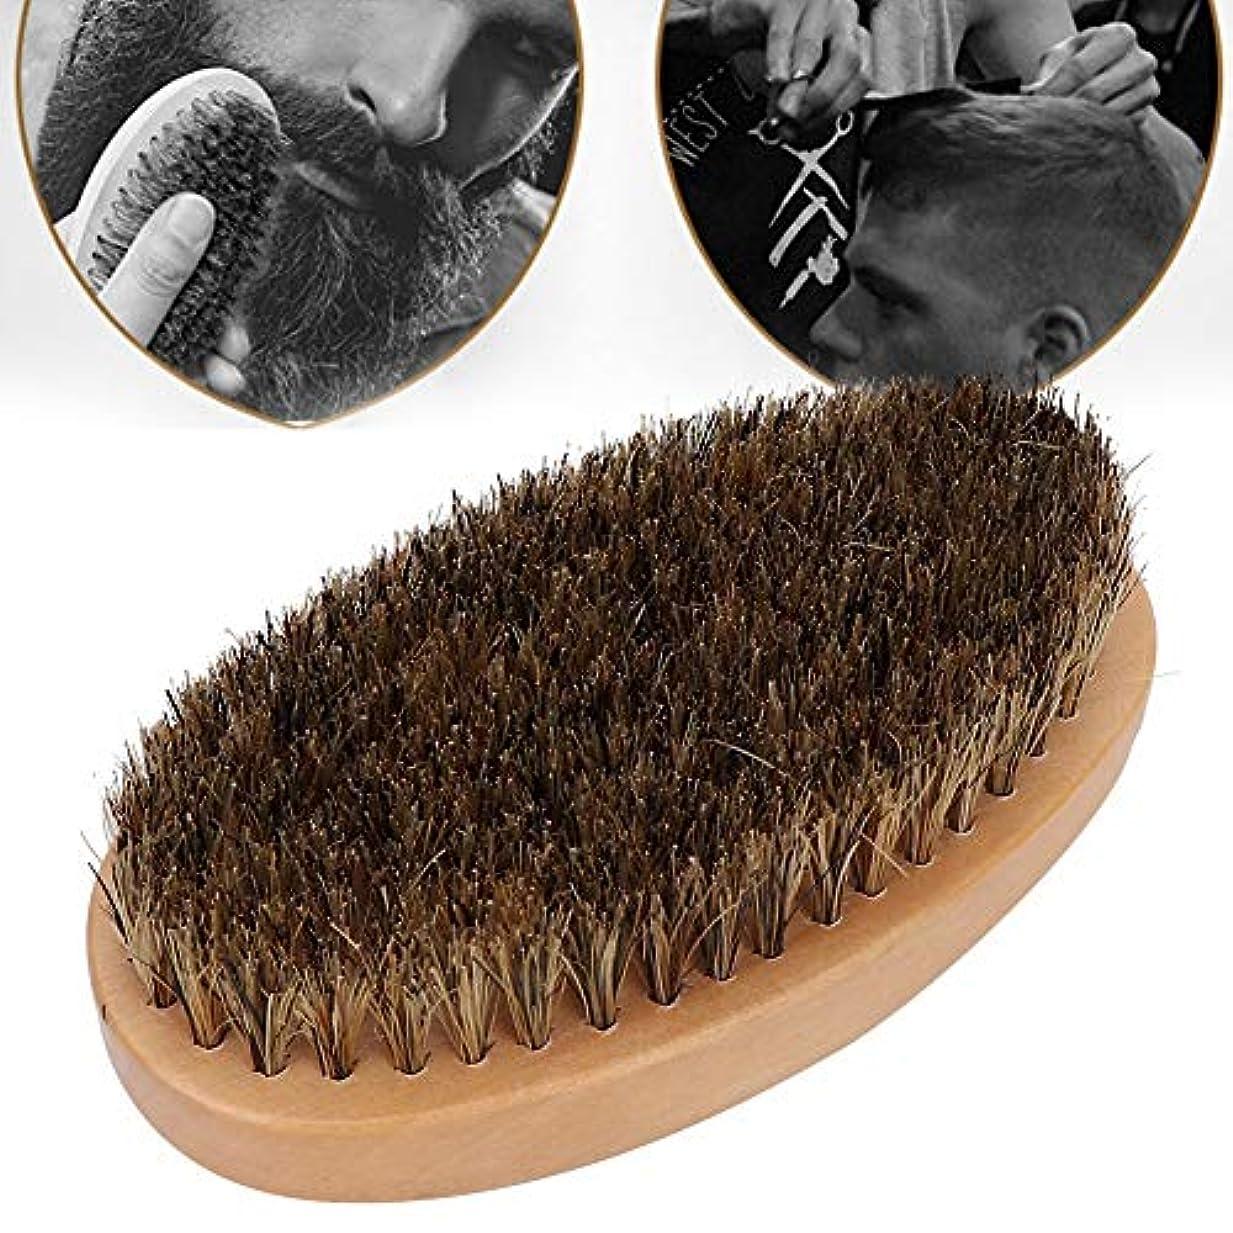 ペネロペ時系列芸術男性用の壊れた髪の掃除ひげブラシヘアコーム, 男性用のプロの壊れた髪抜本的なひげブラシヘアコーム理髪くし